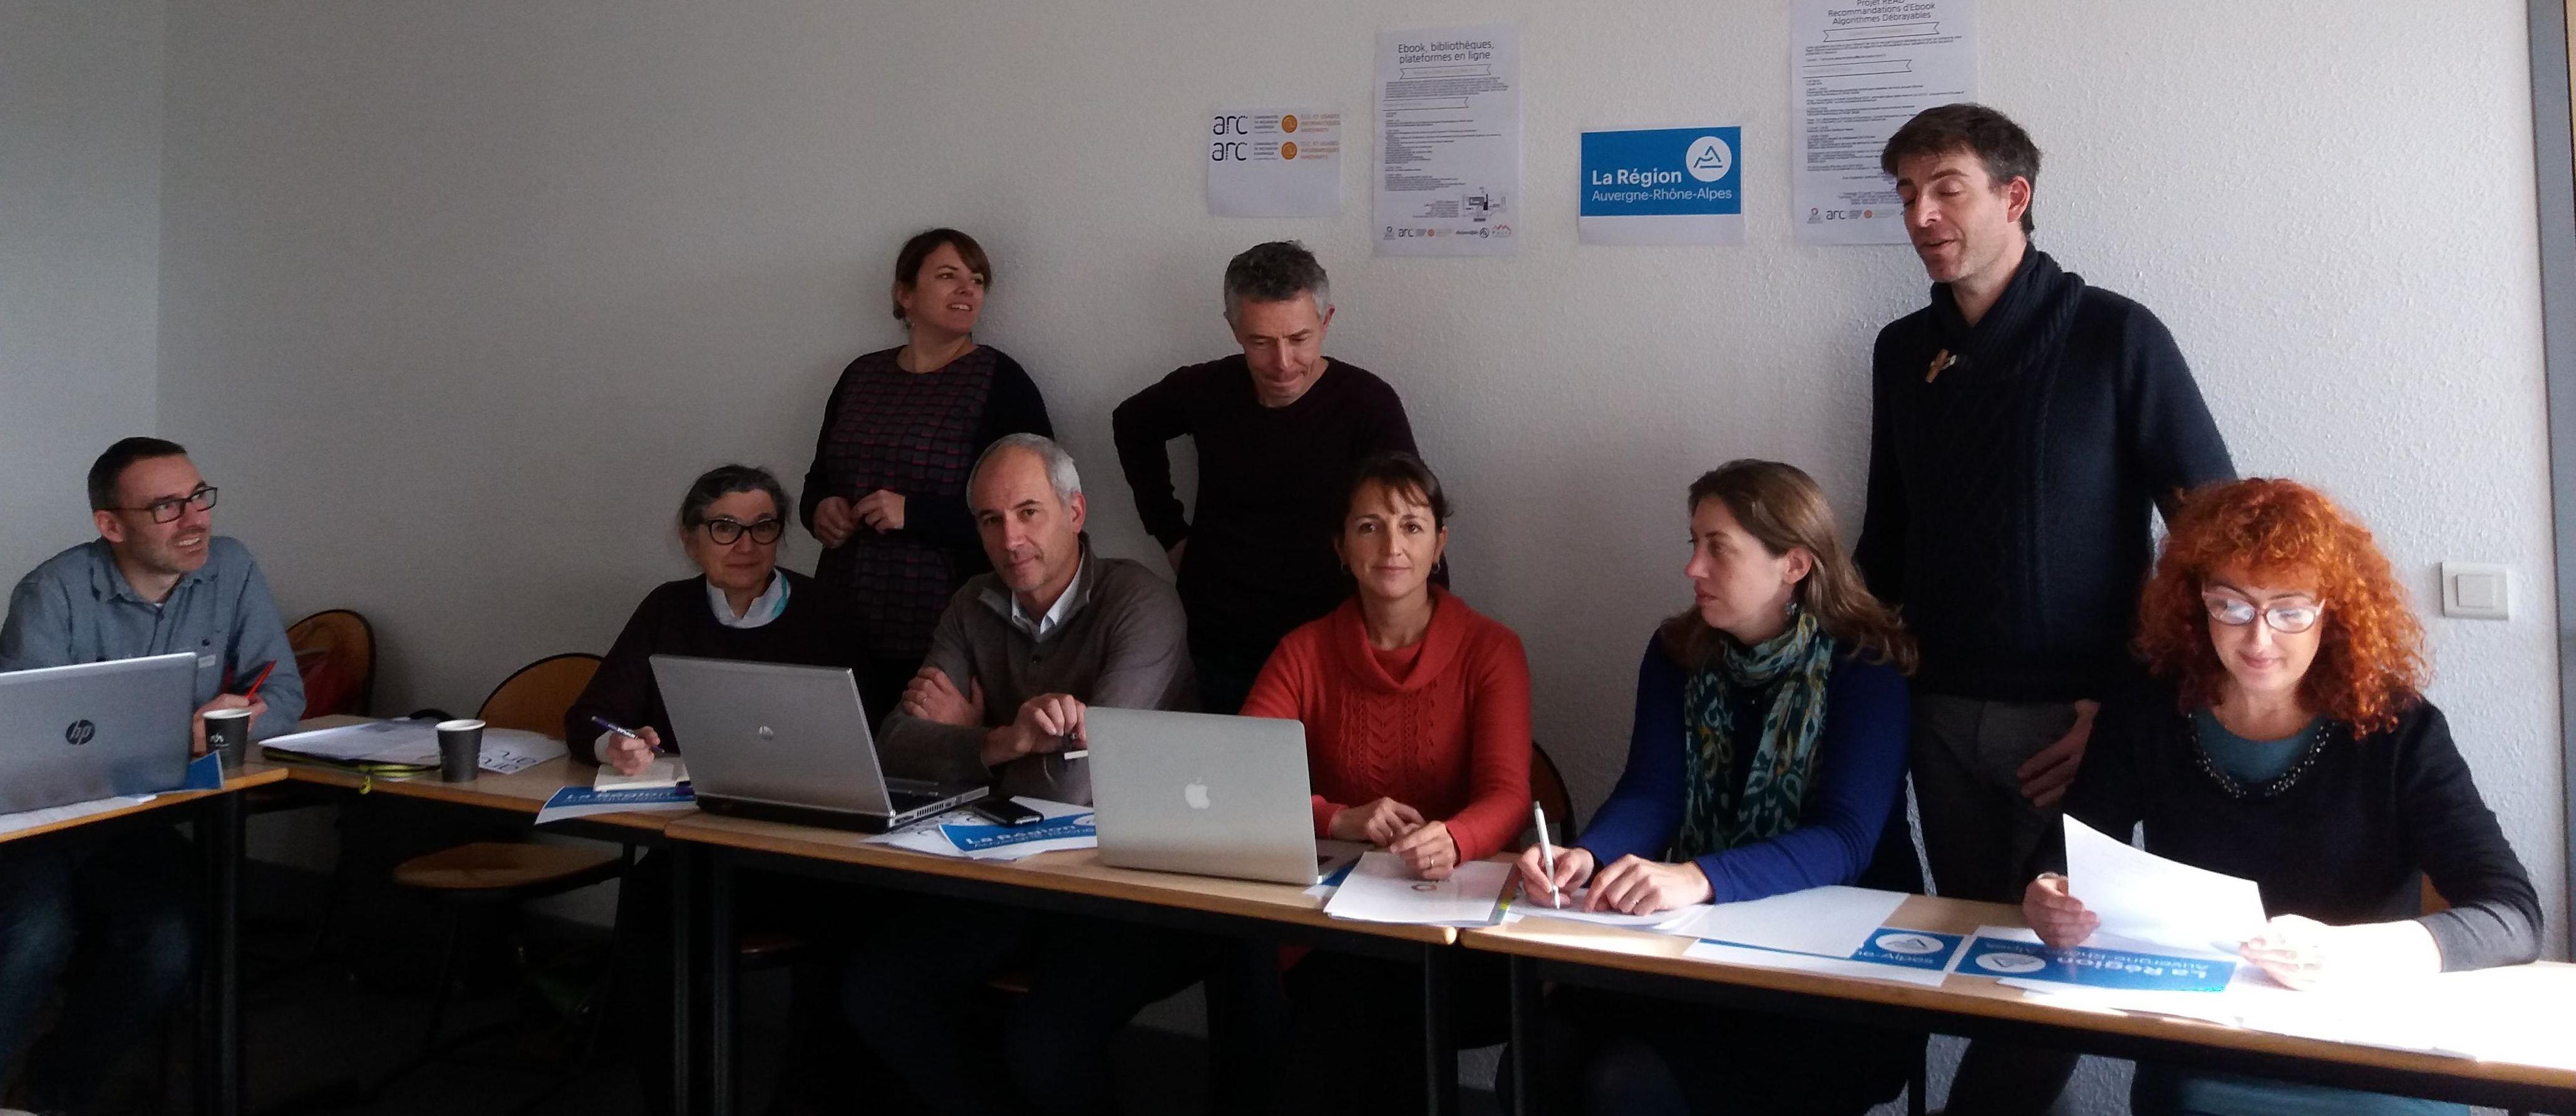 Groupe READ (de gauche à droite) (assis) Benoît Epron, Françoise Paquienséguy, Jean-Marc Francony, Aude Inaudi, Marianning Le Bechec, Fabienne Soldini (debouts) Marie Doga, Emmanuel Brandl et Oliver Zerbib